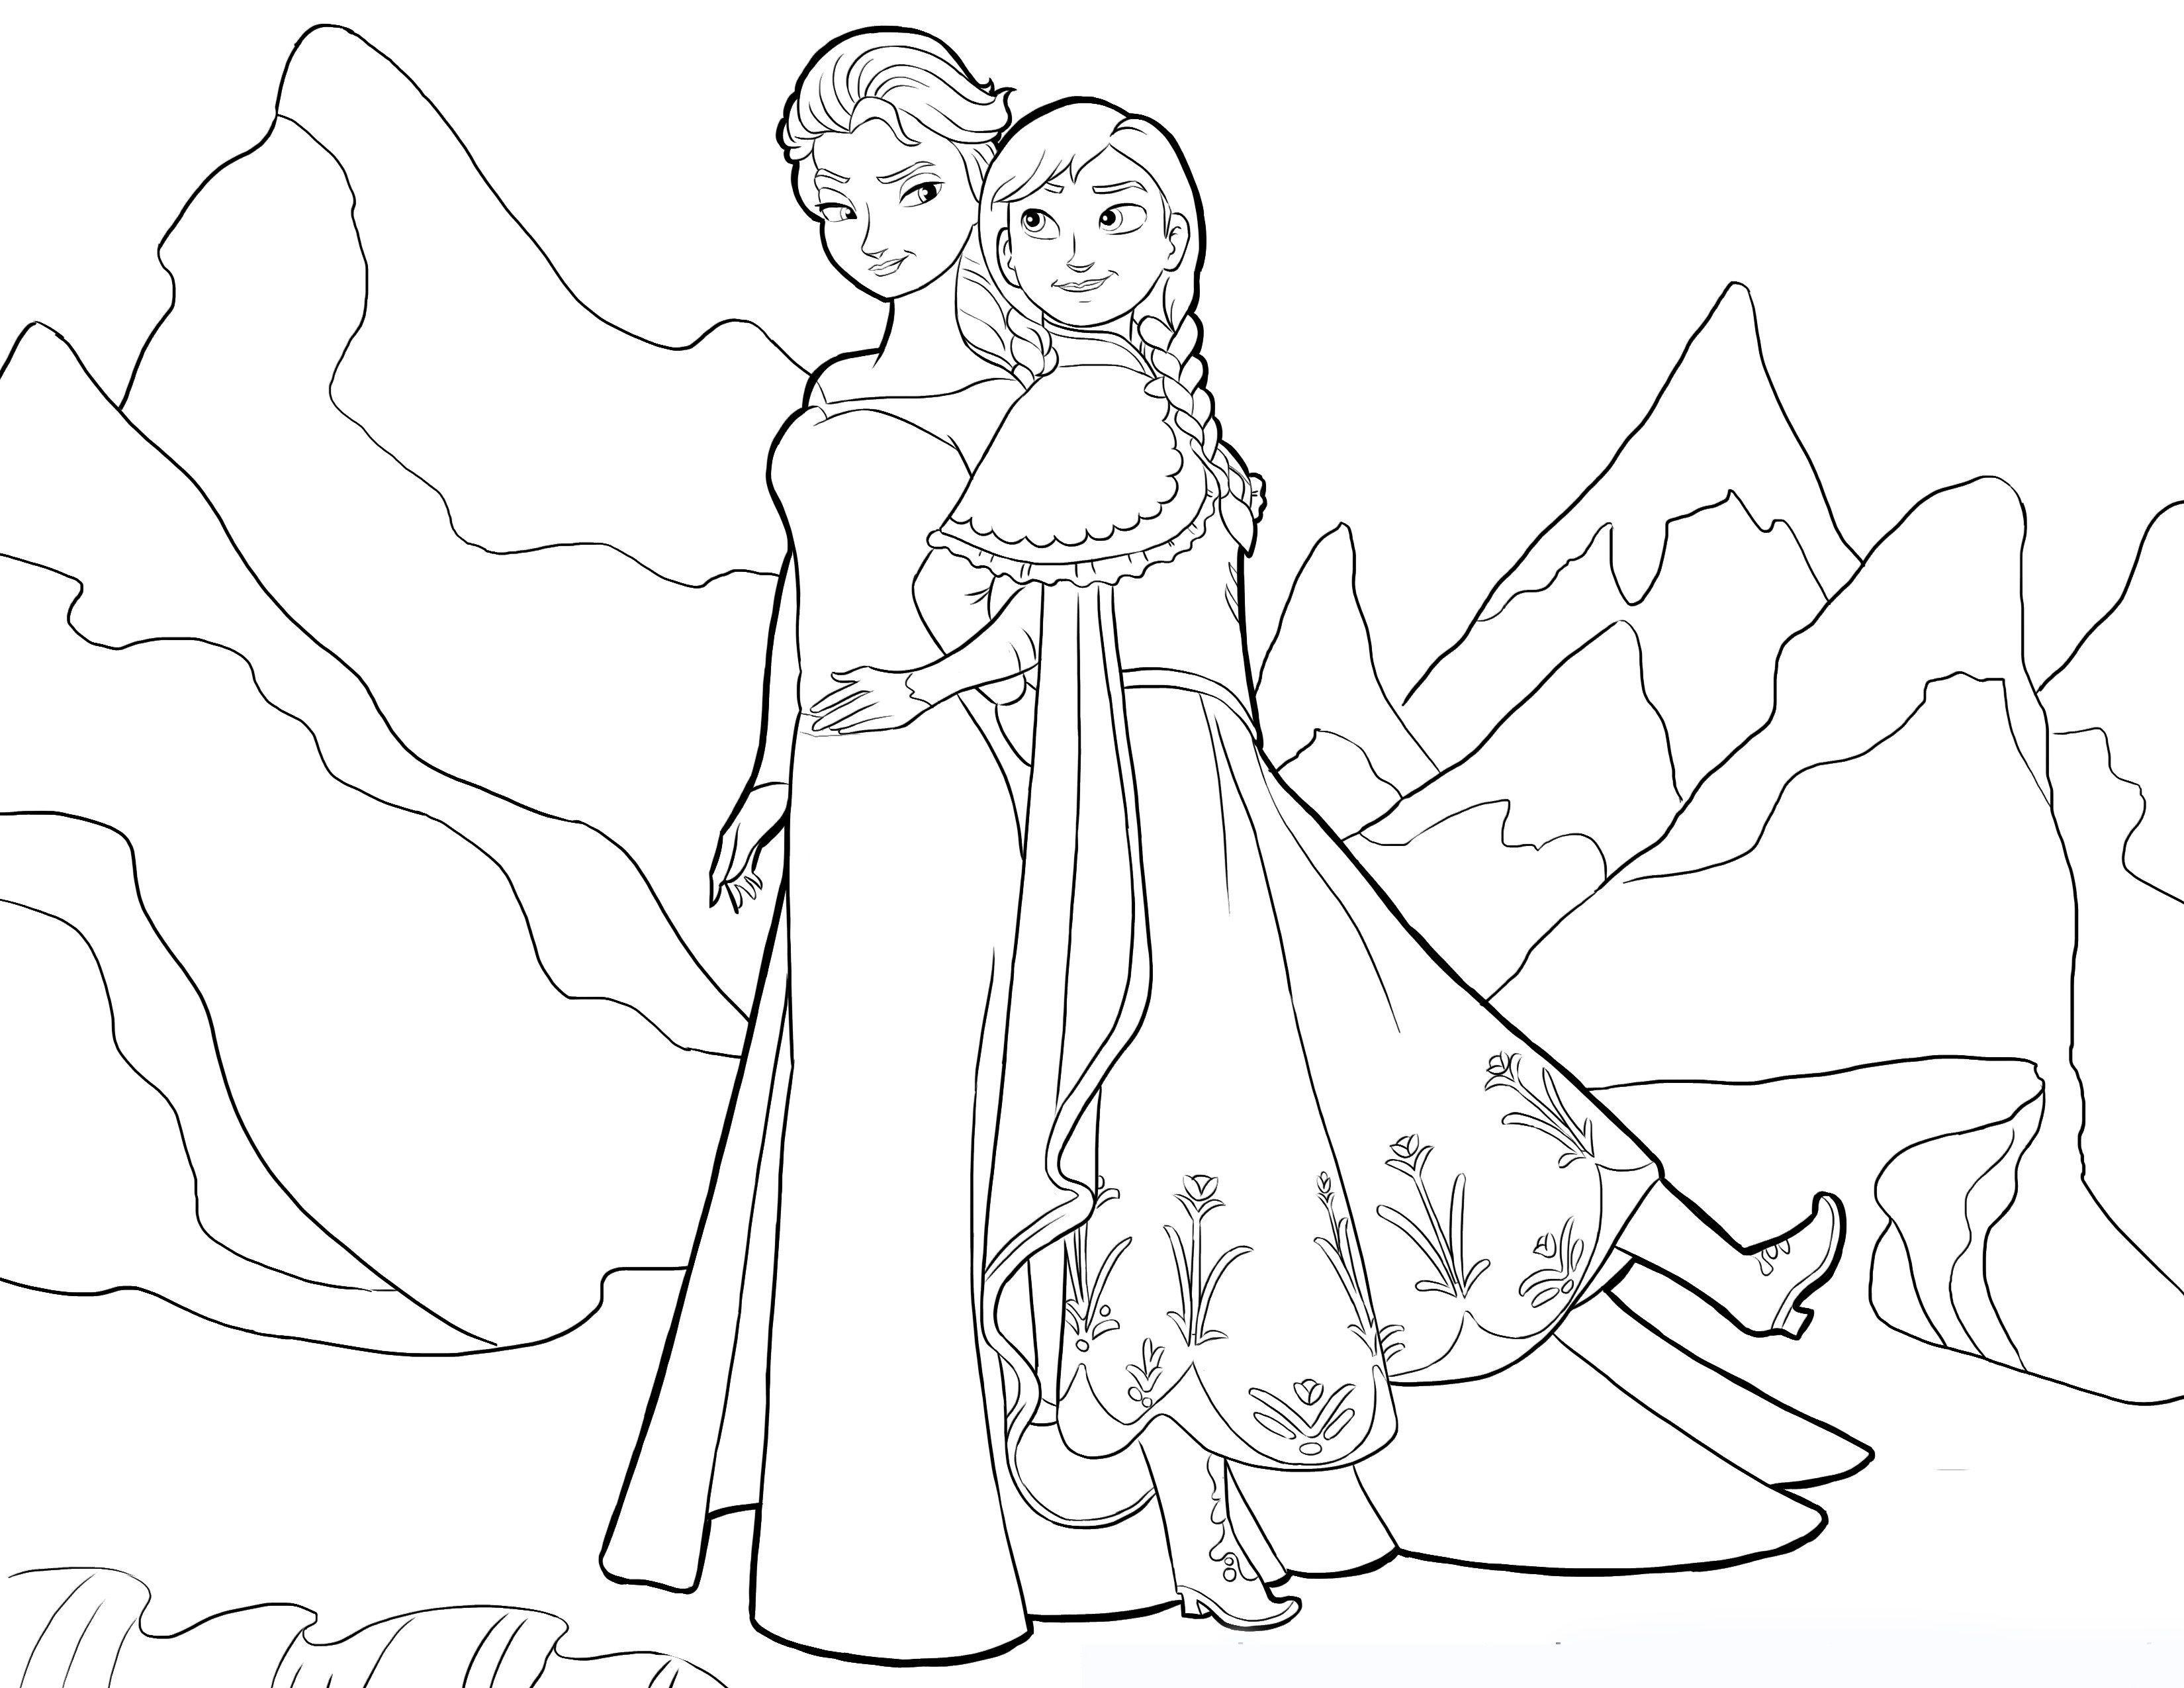 Anna Elsa Ausmalbilder : Frozen Ausmalbilder Malvorlagen Zeichnung Druckbare N 4